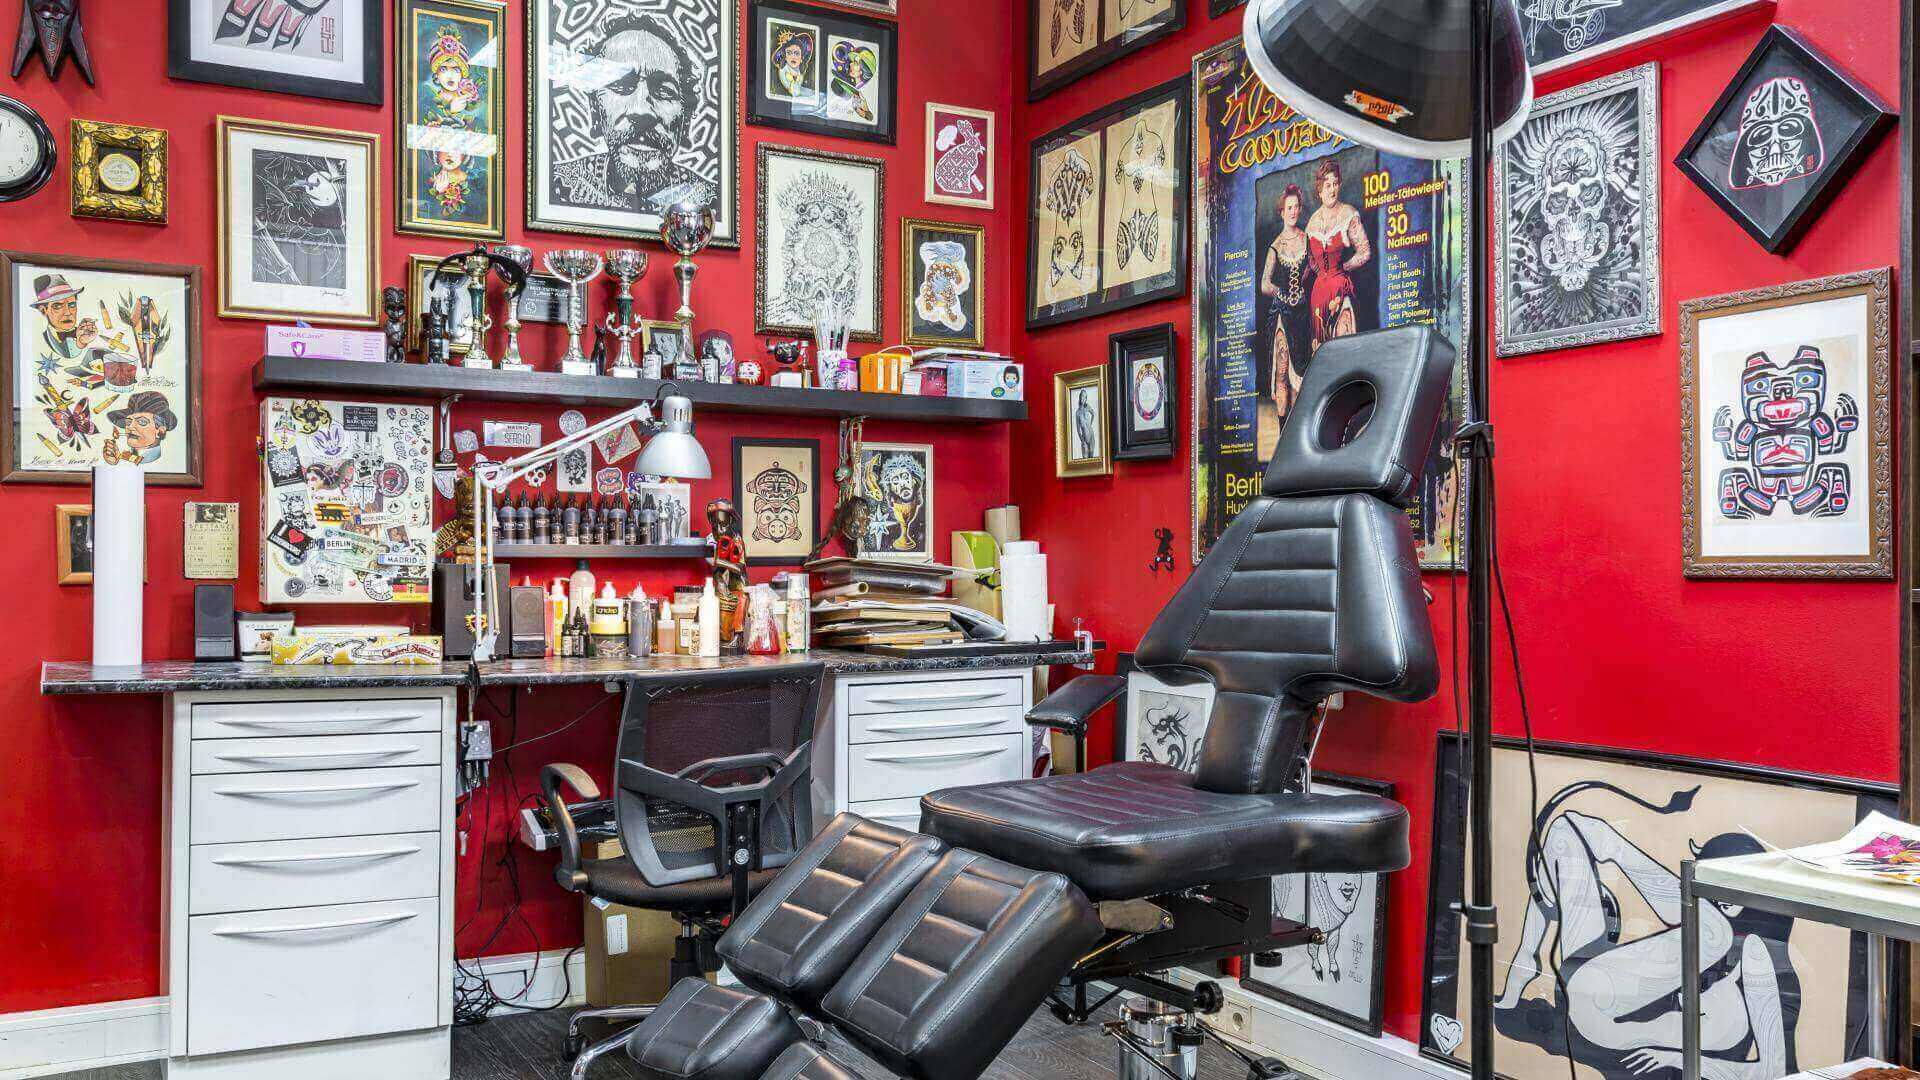 taty salon 1 - Все о том, как открыть тату салон, что стоит знать об этом бизнесе и для кого он подходит